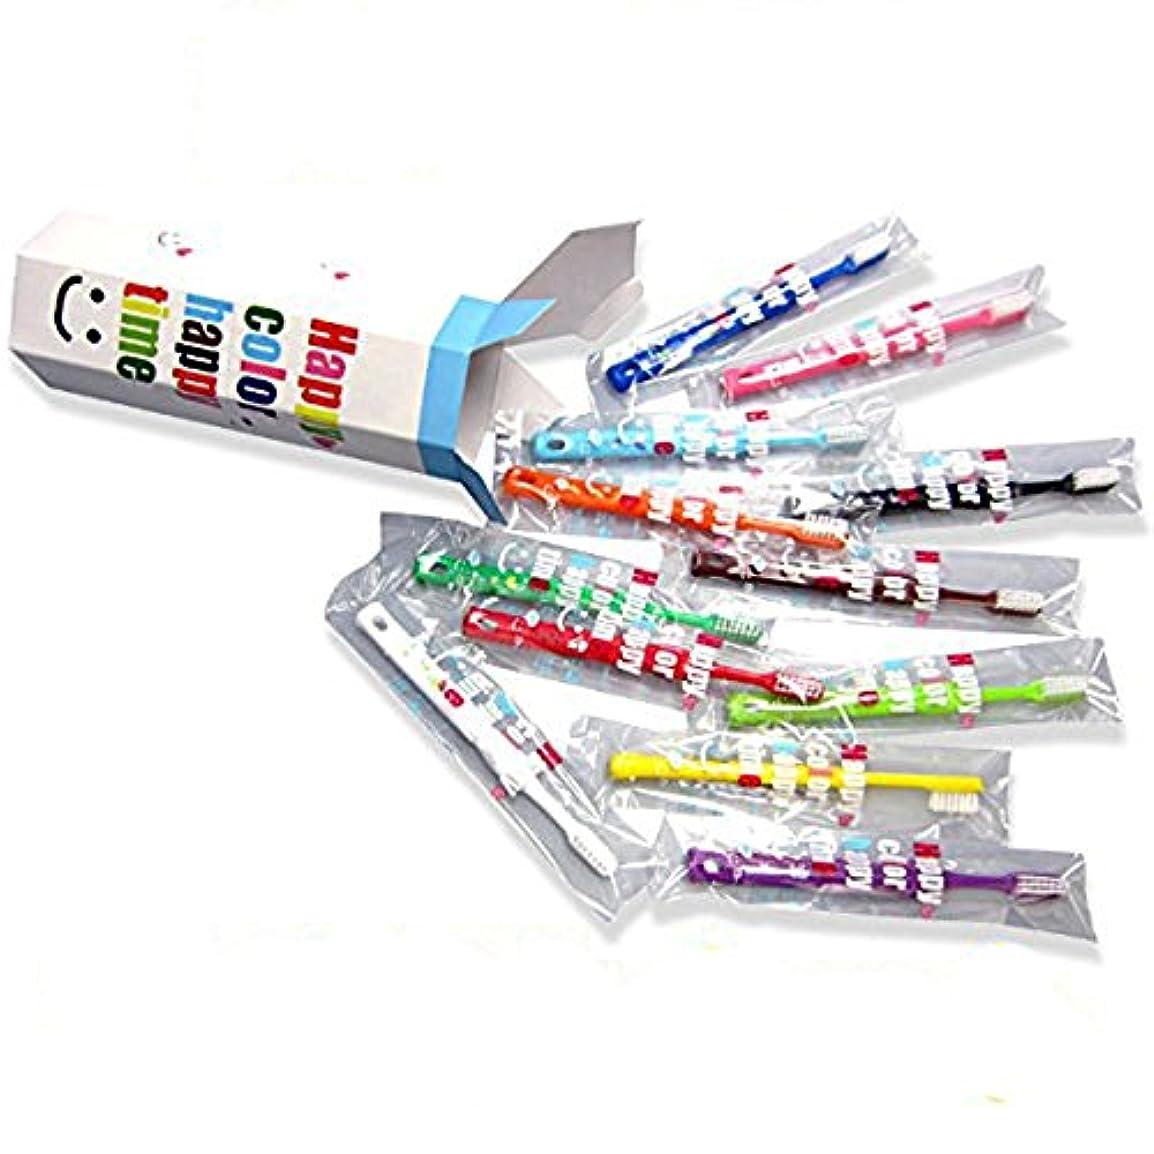 ホステルタイトル明確にラピス 子供 歯ブラシ ラピス LA-210 ハッピーカラー12色 ?ジュニア用? 歯ブラシ セット 単品106